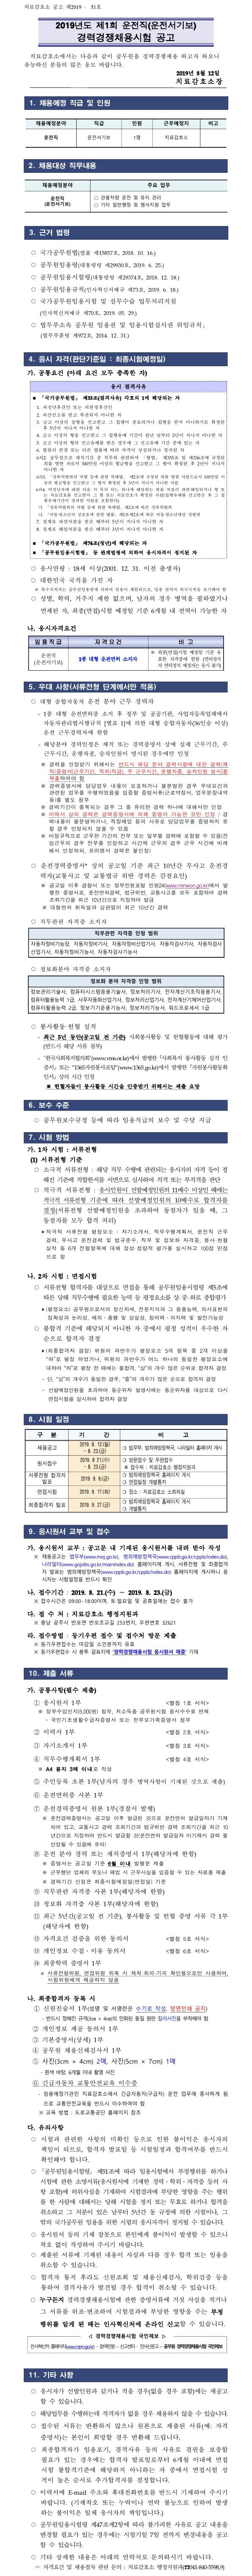 19083_치료감호소_공고문.jpg